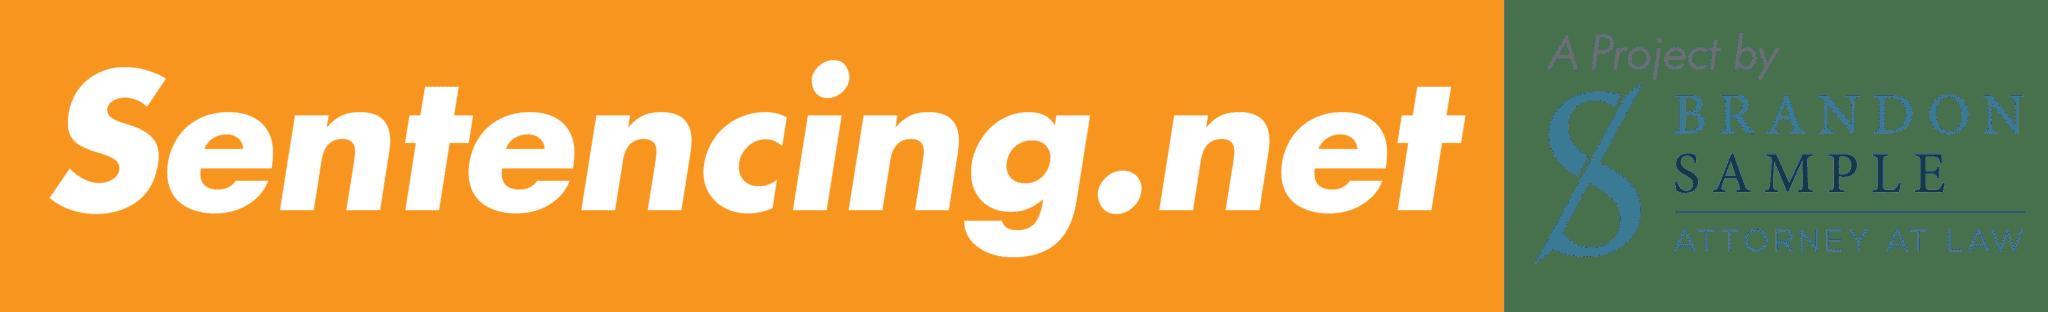 Sentencing.net